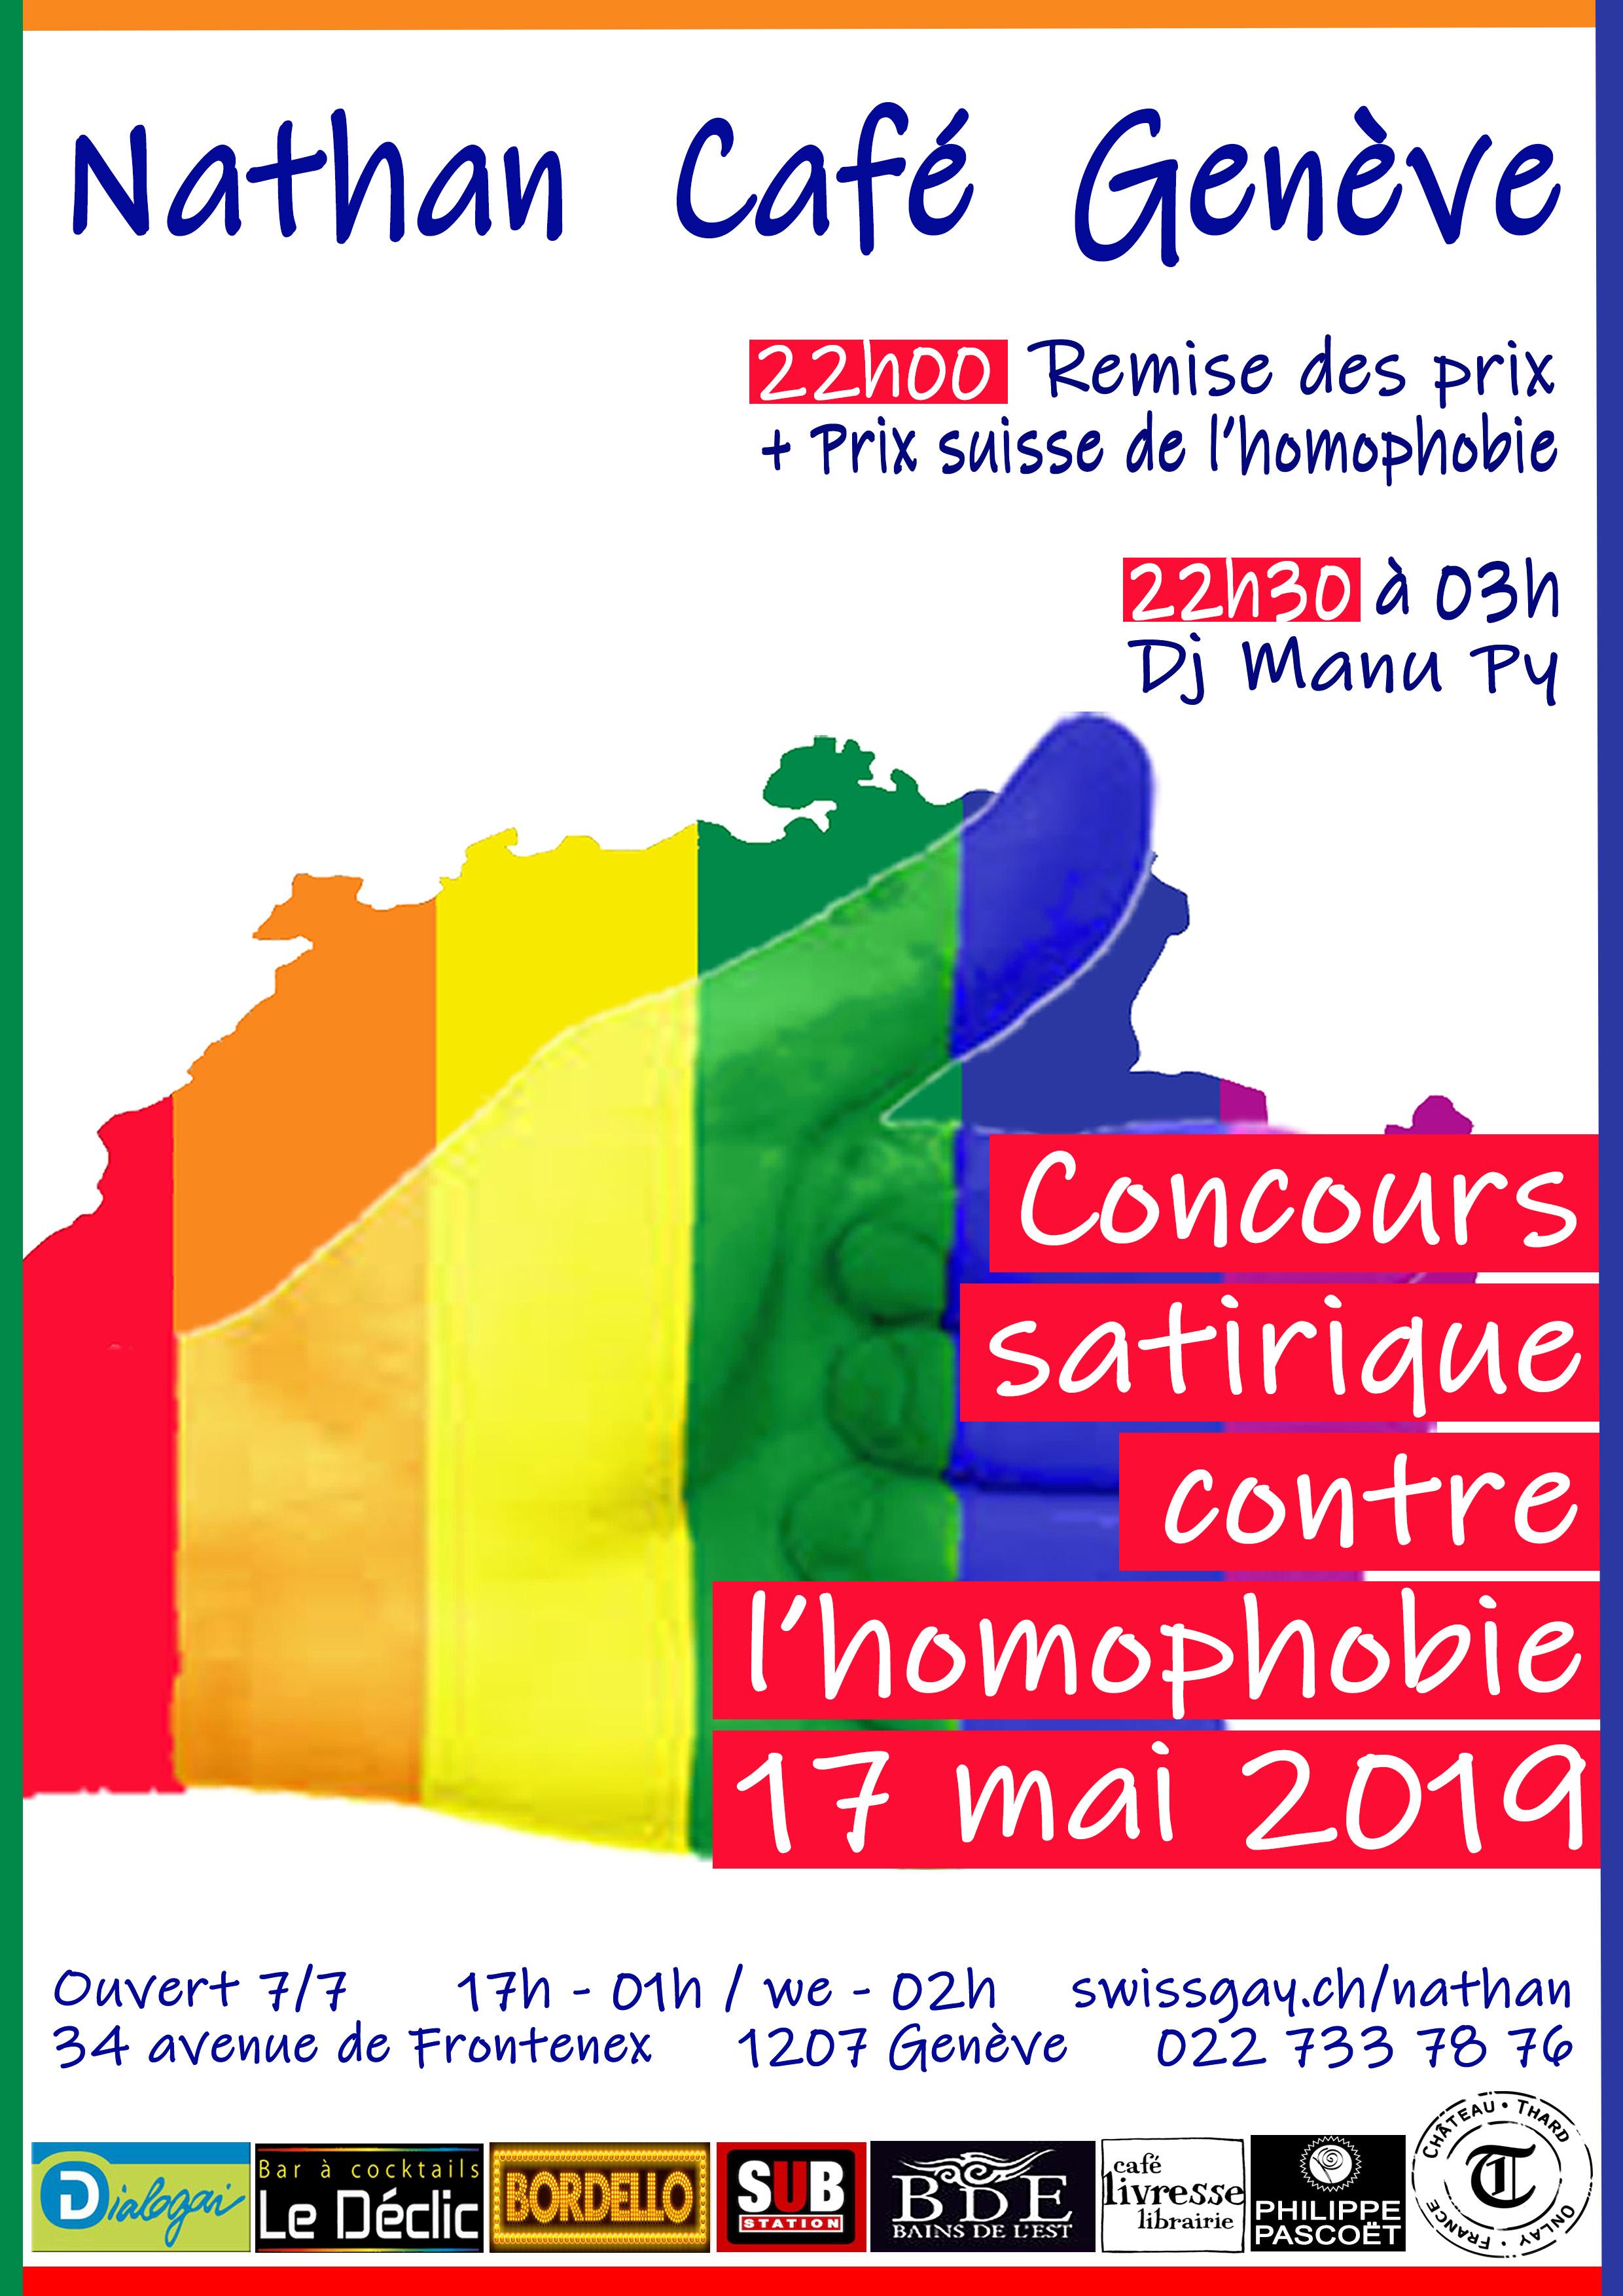 Nathan Café Genève - Concours contre l'homophobie 2019